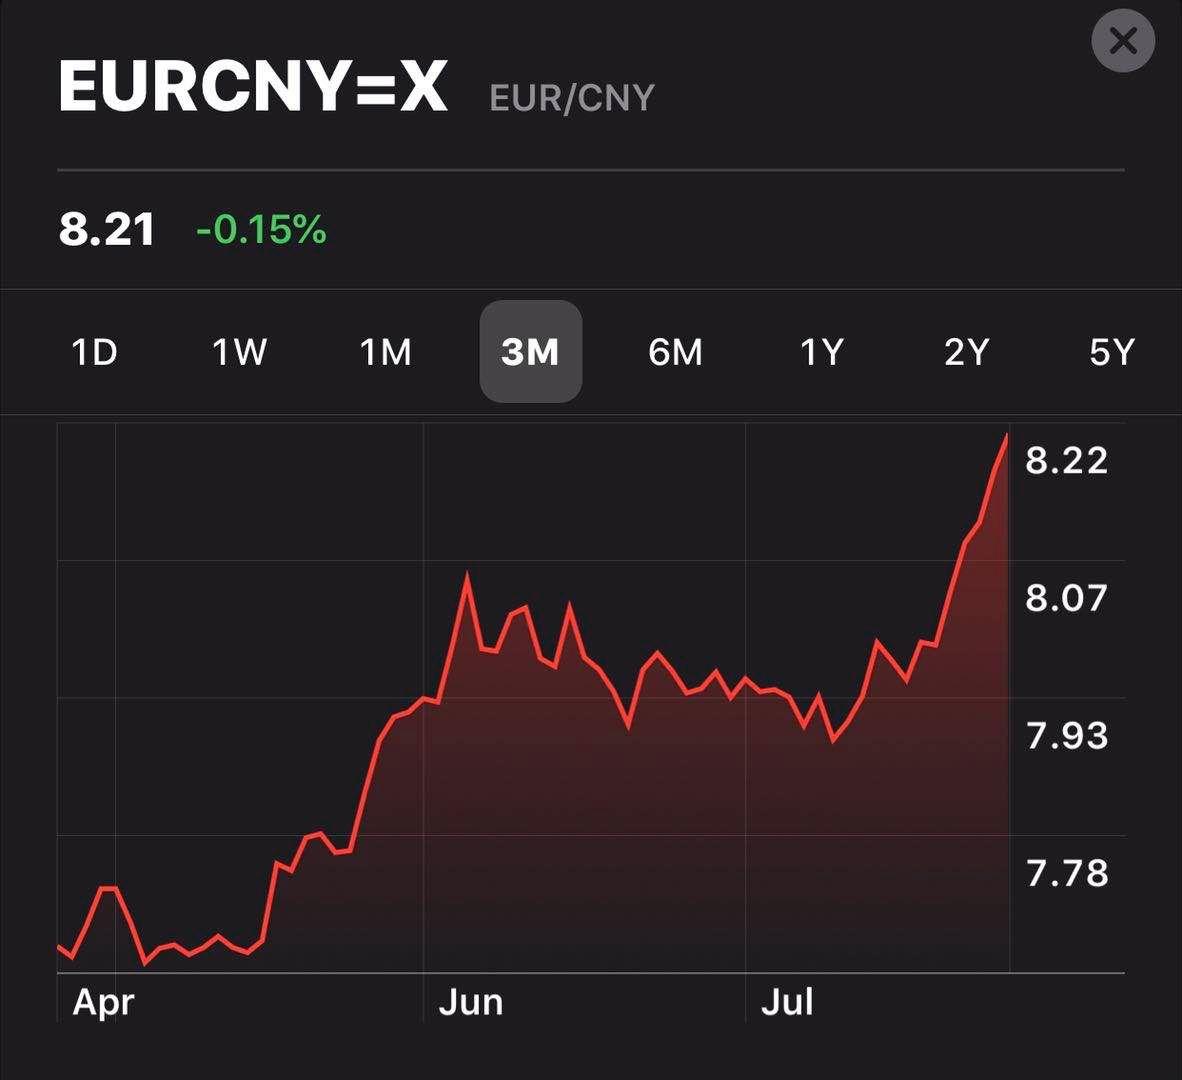 EURCNY exchange rate